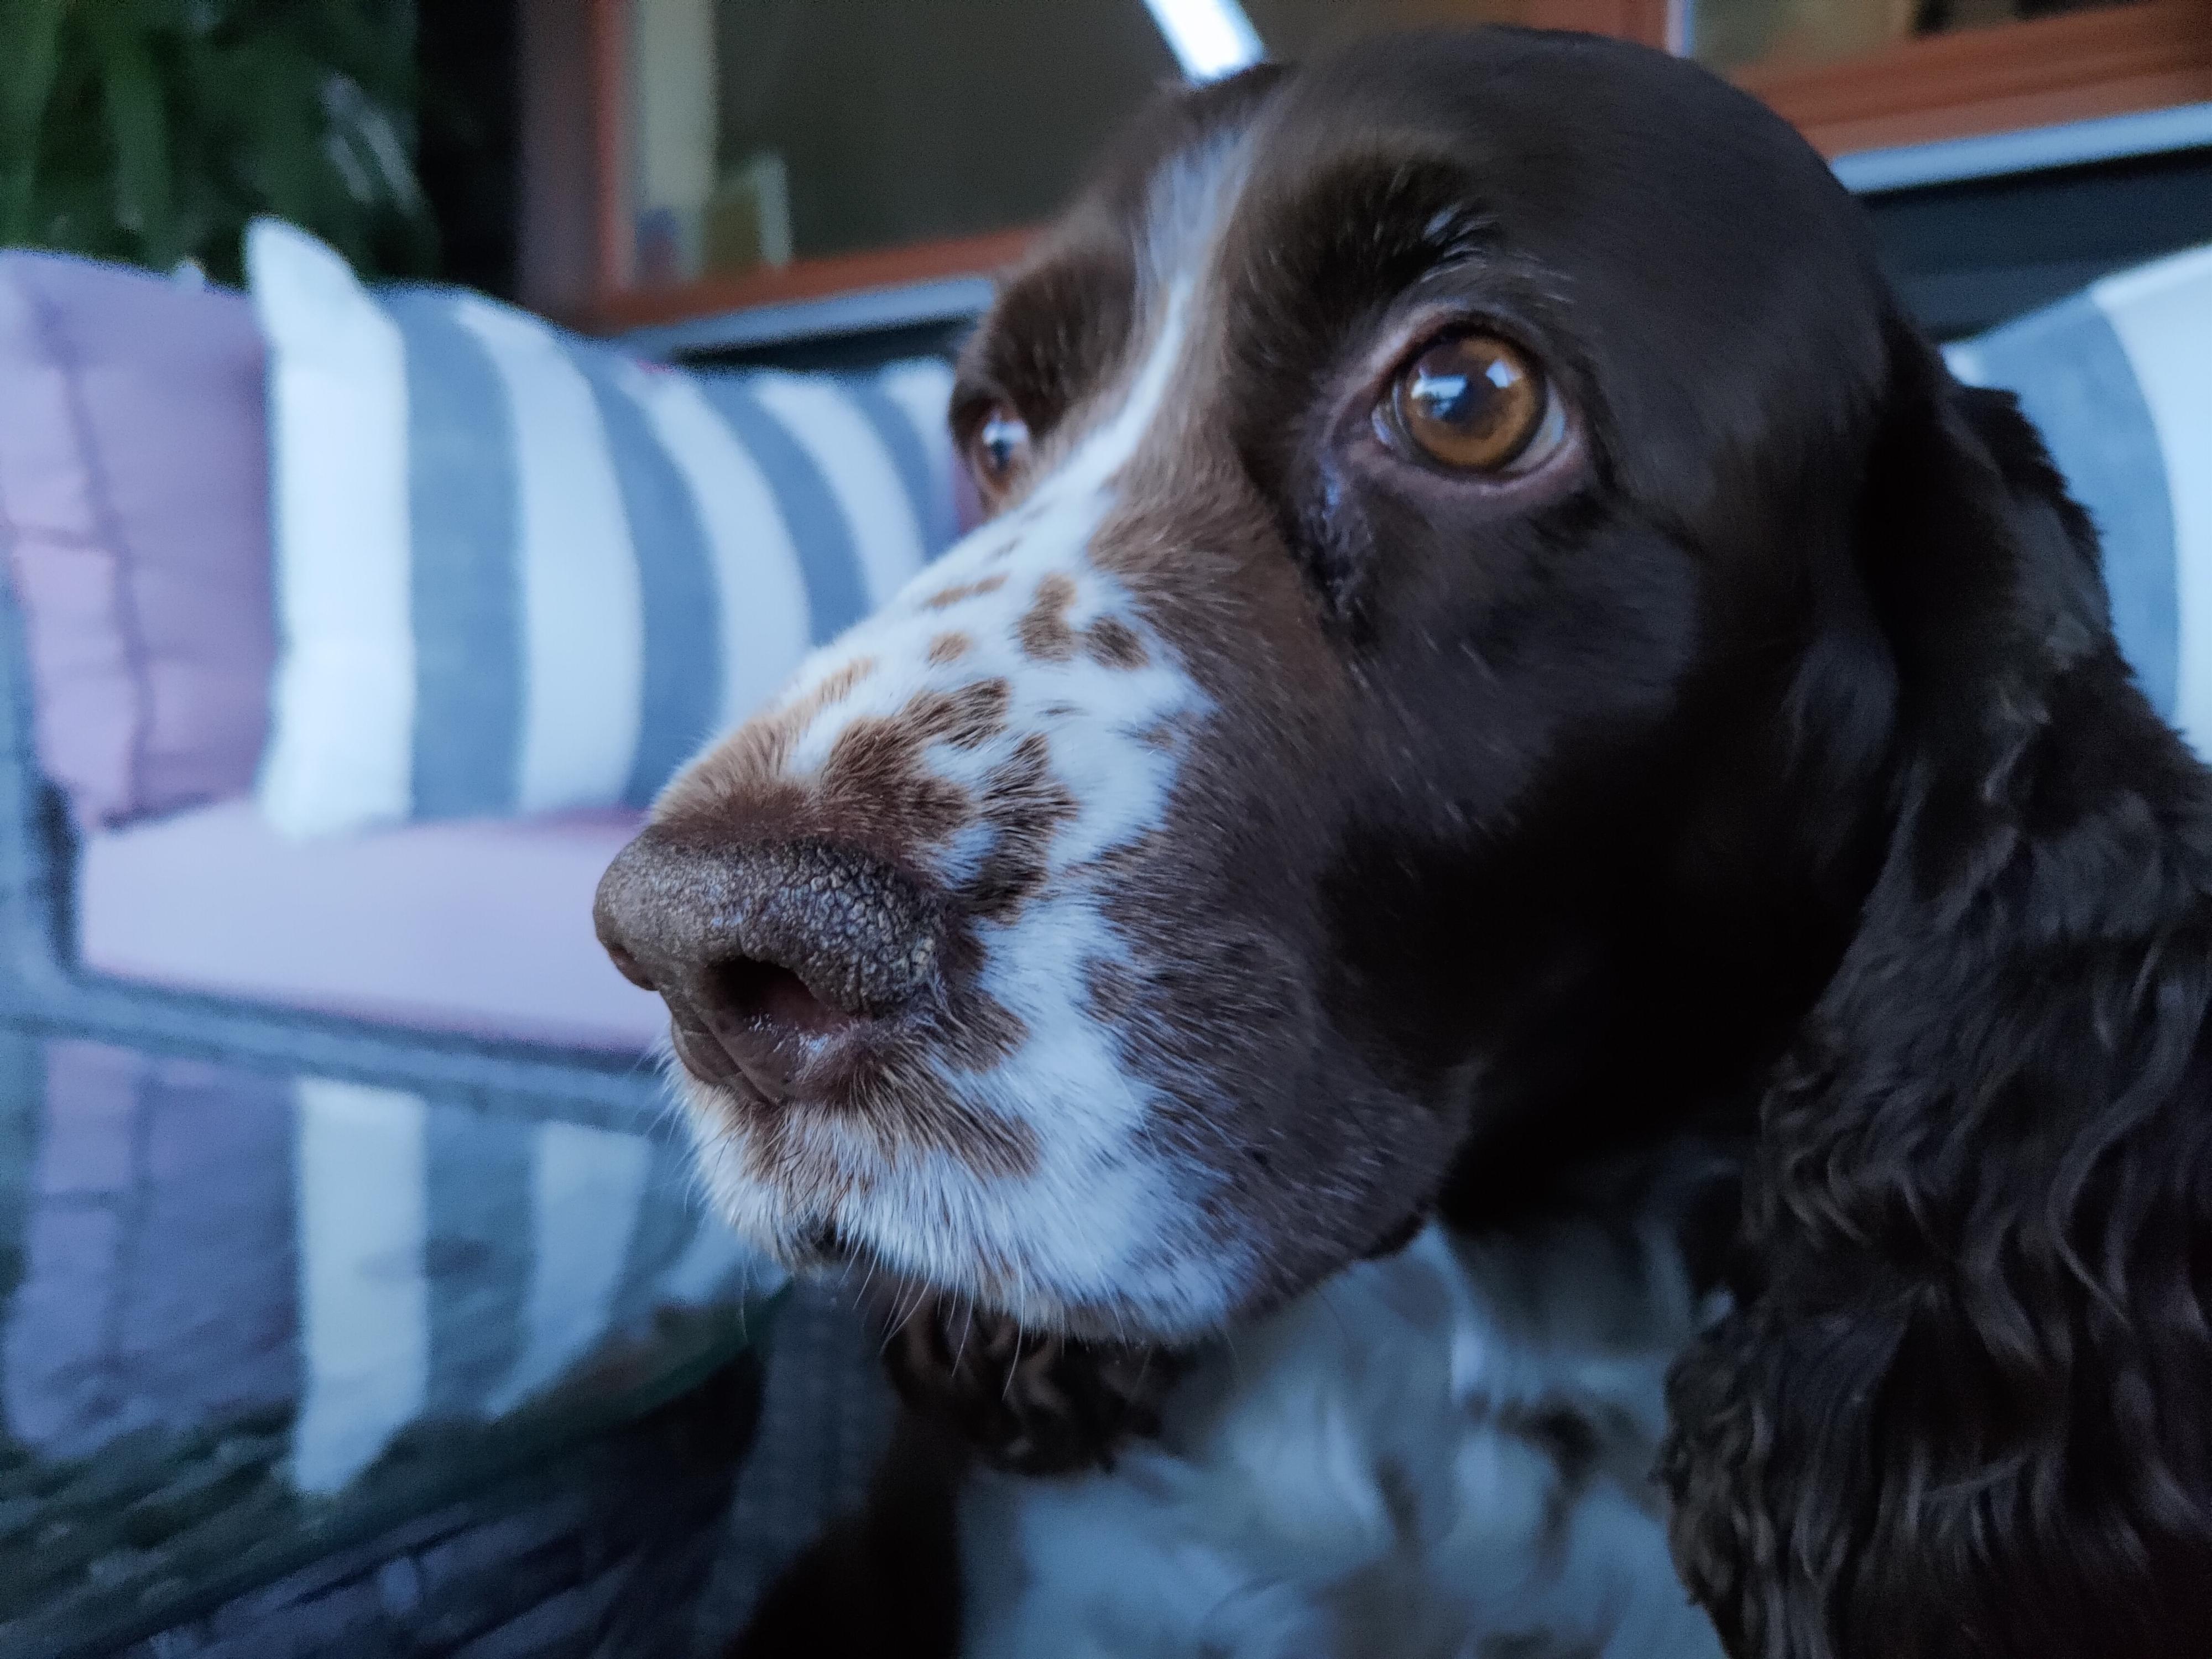 Fokus er litt vanskelig allerede fra tidlig i skumringen. Jeg hadde omtrent 20 bilder av denne søte hunden, men ingen av dem ytte bikkja rettferdighet.